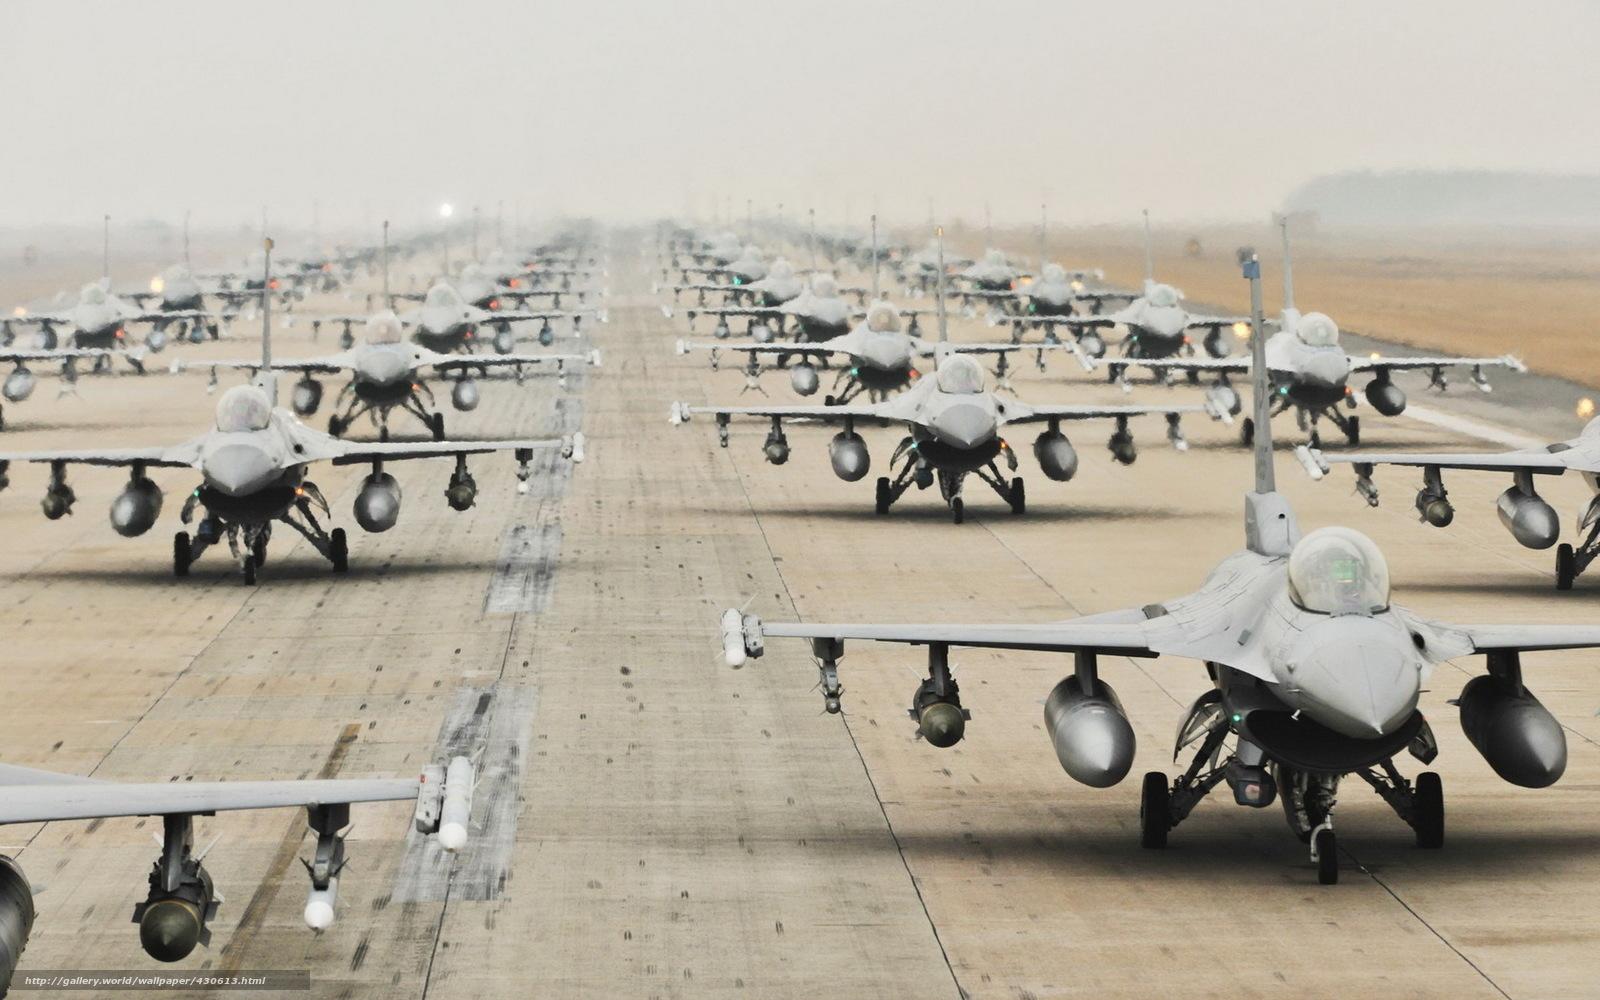 Скачать обои самолёты,  оружие,  аэродром бесплатно для рабочего стола в разрешении 1680x1050 — картинка №430613